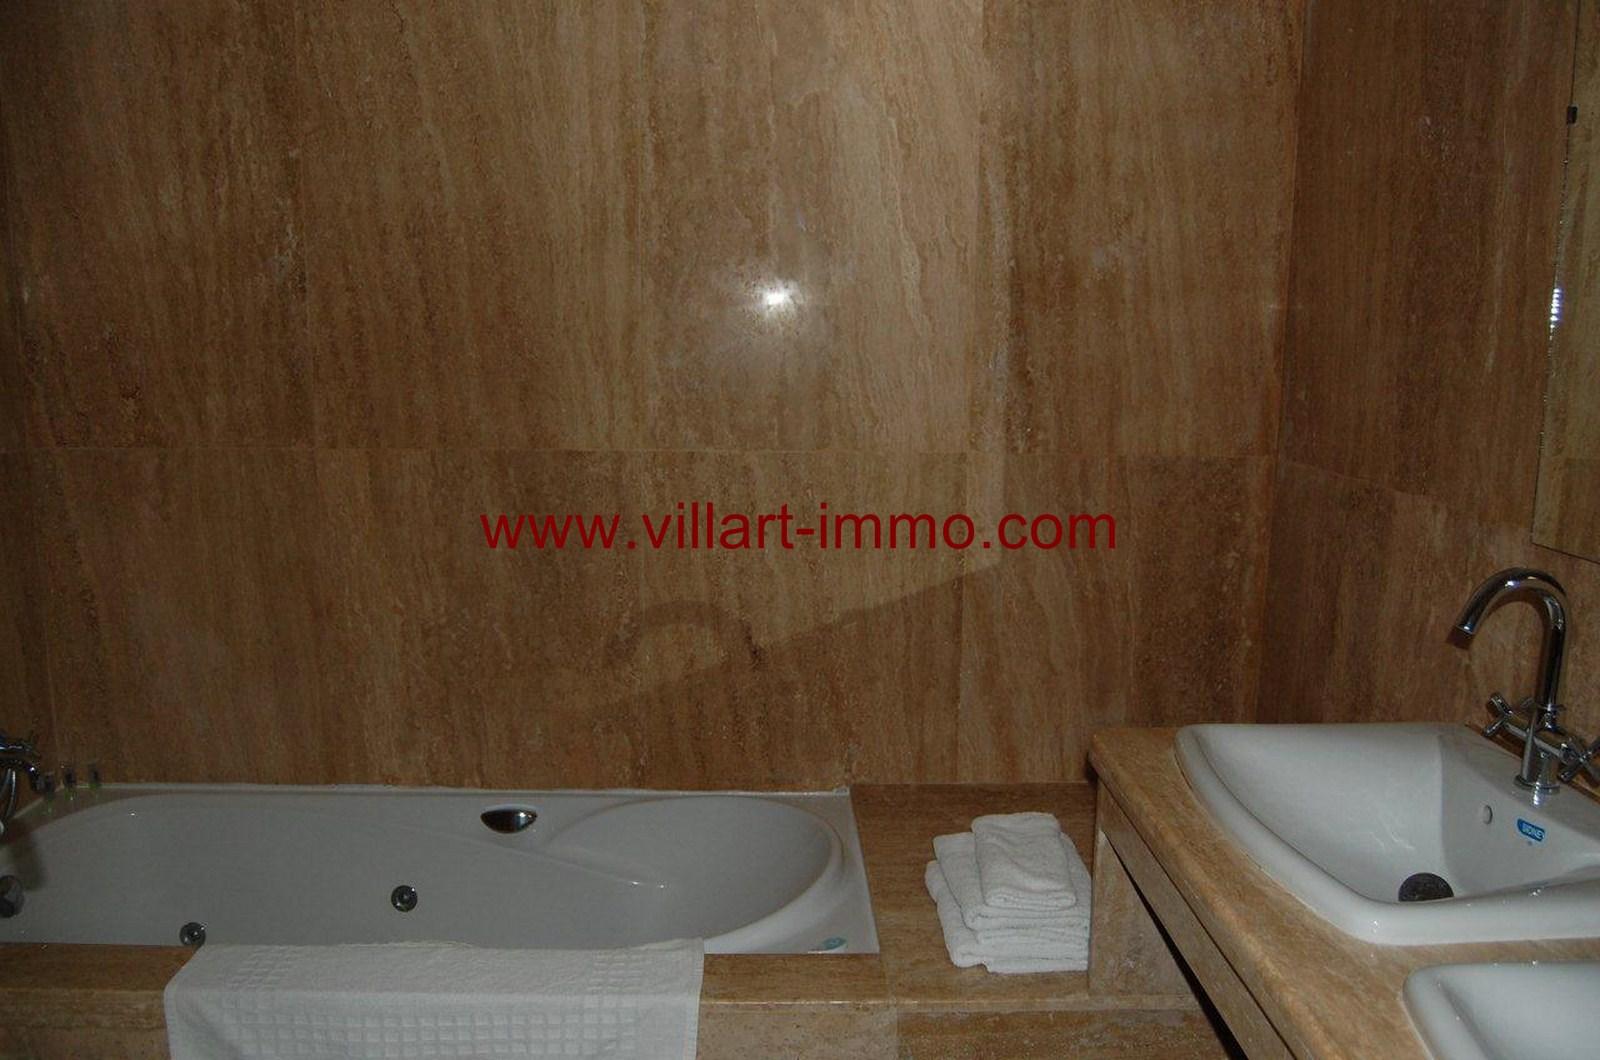 7-vente-appartement-tanger-achakar-salle de bain 1-va389-villart-immo